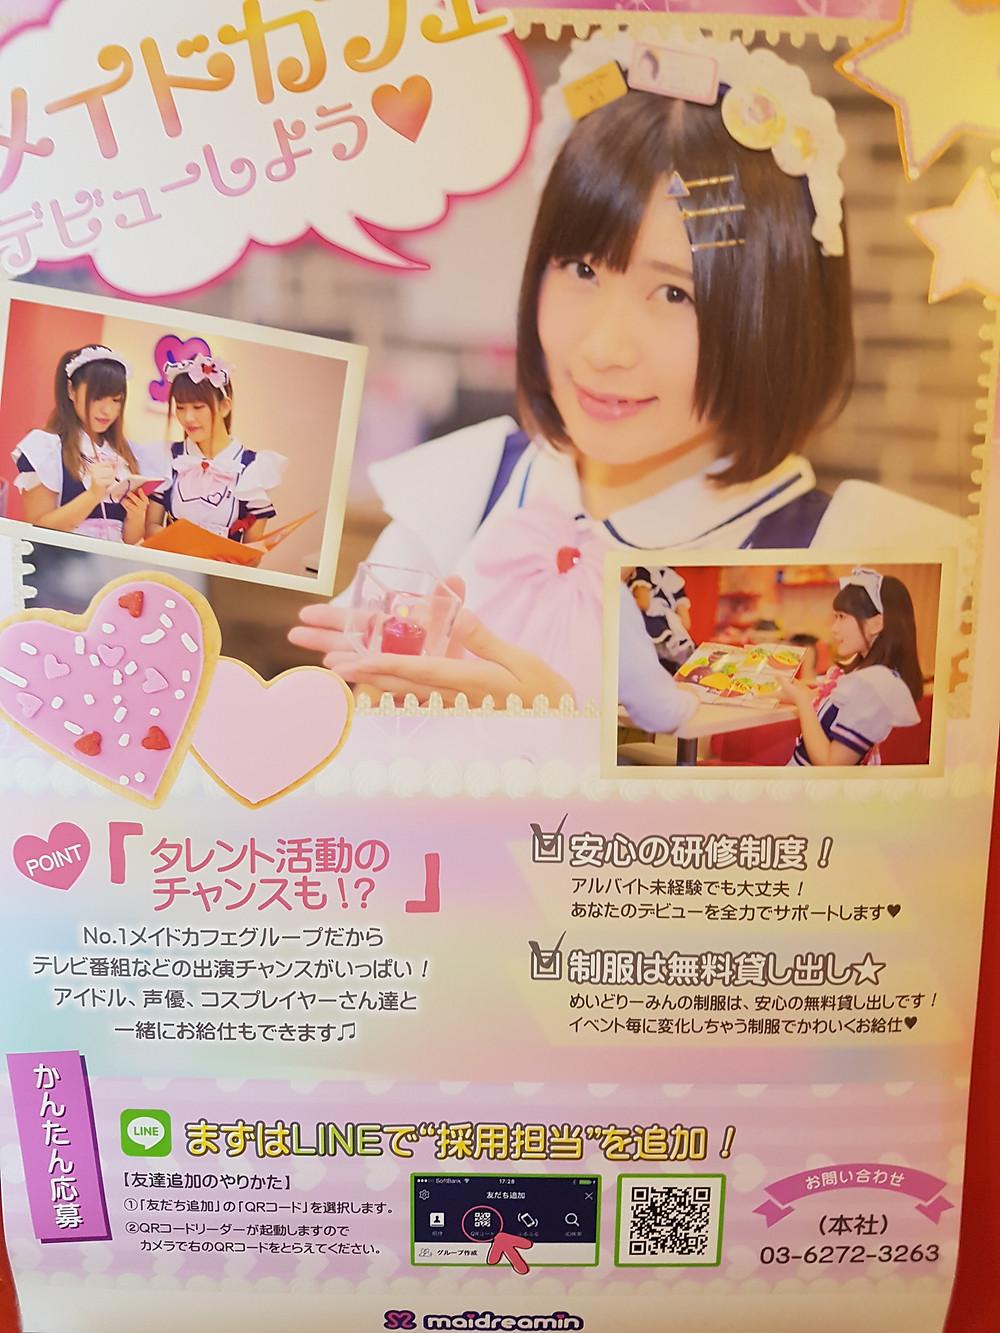 Werbetafel für ein Maid Cafe von maidreamin